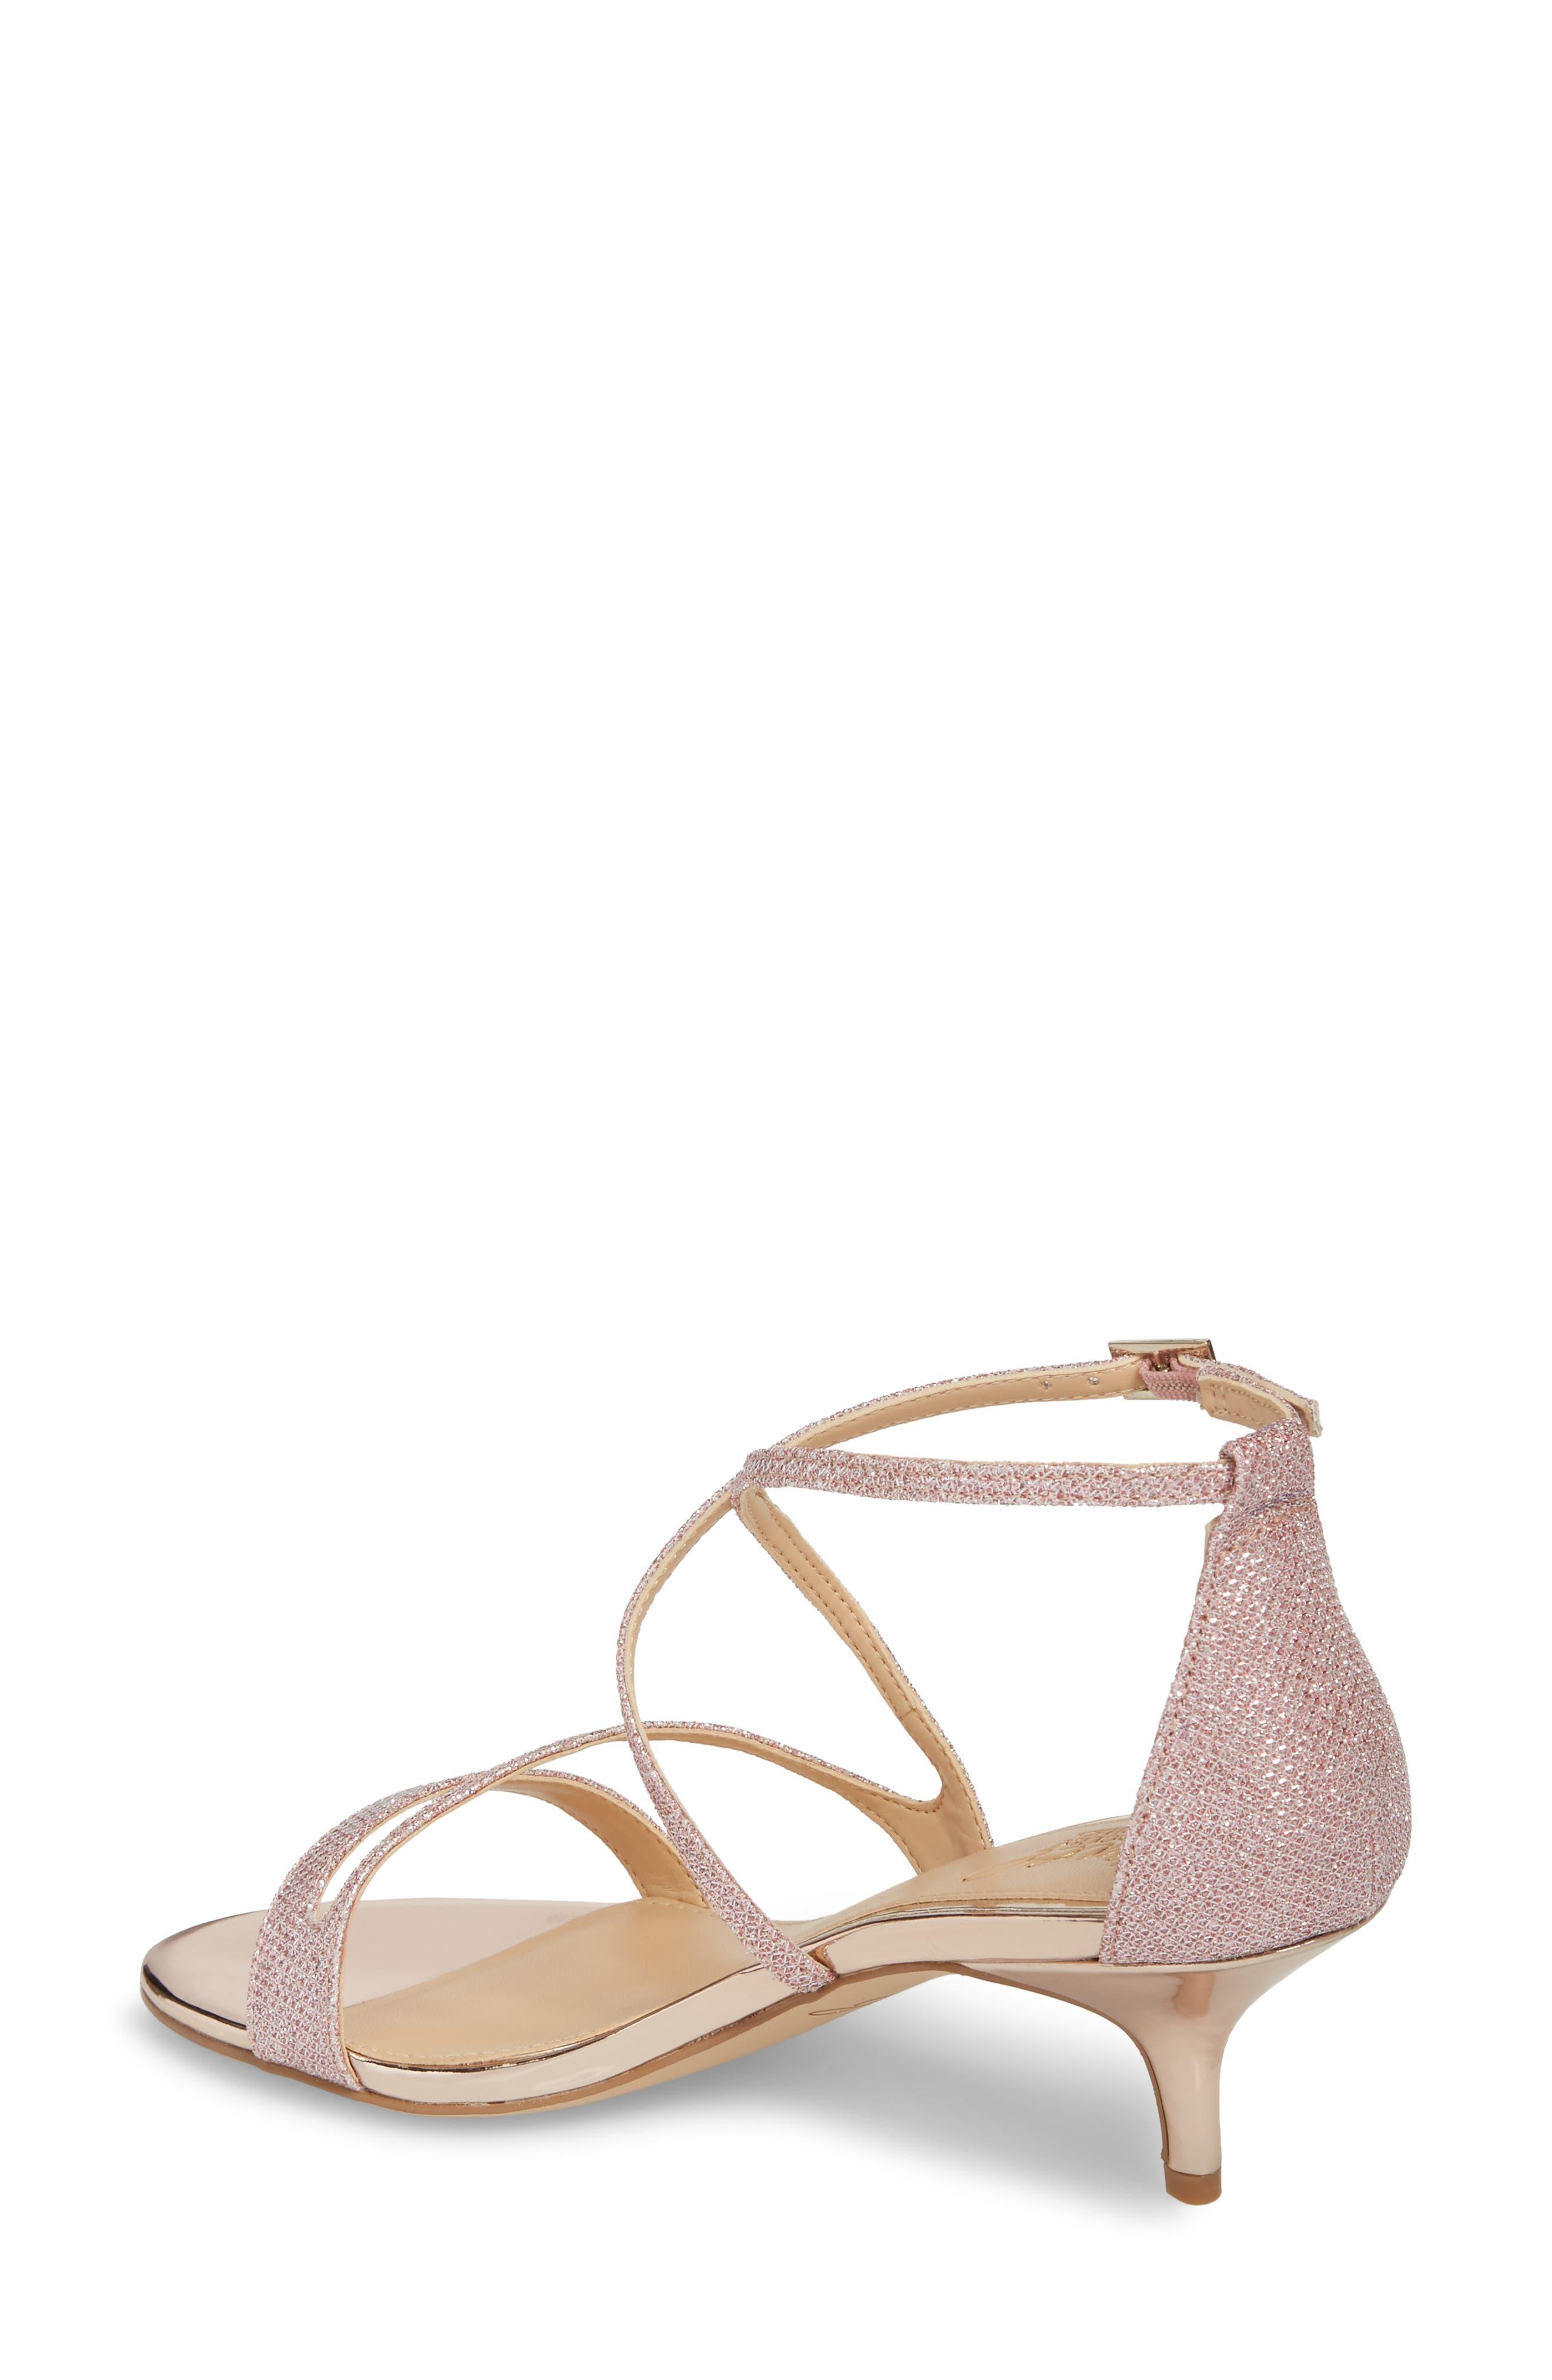 Gal Glitter Kitten Heel Sandal,                             Alternate thumbnail 2, color,                             Rose Gold Glitter Fabric